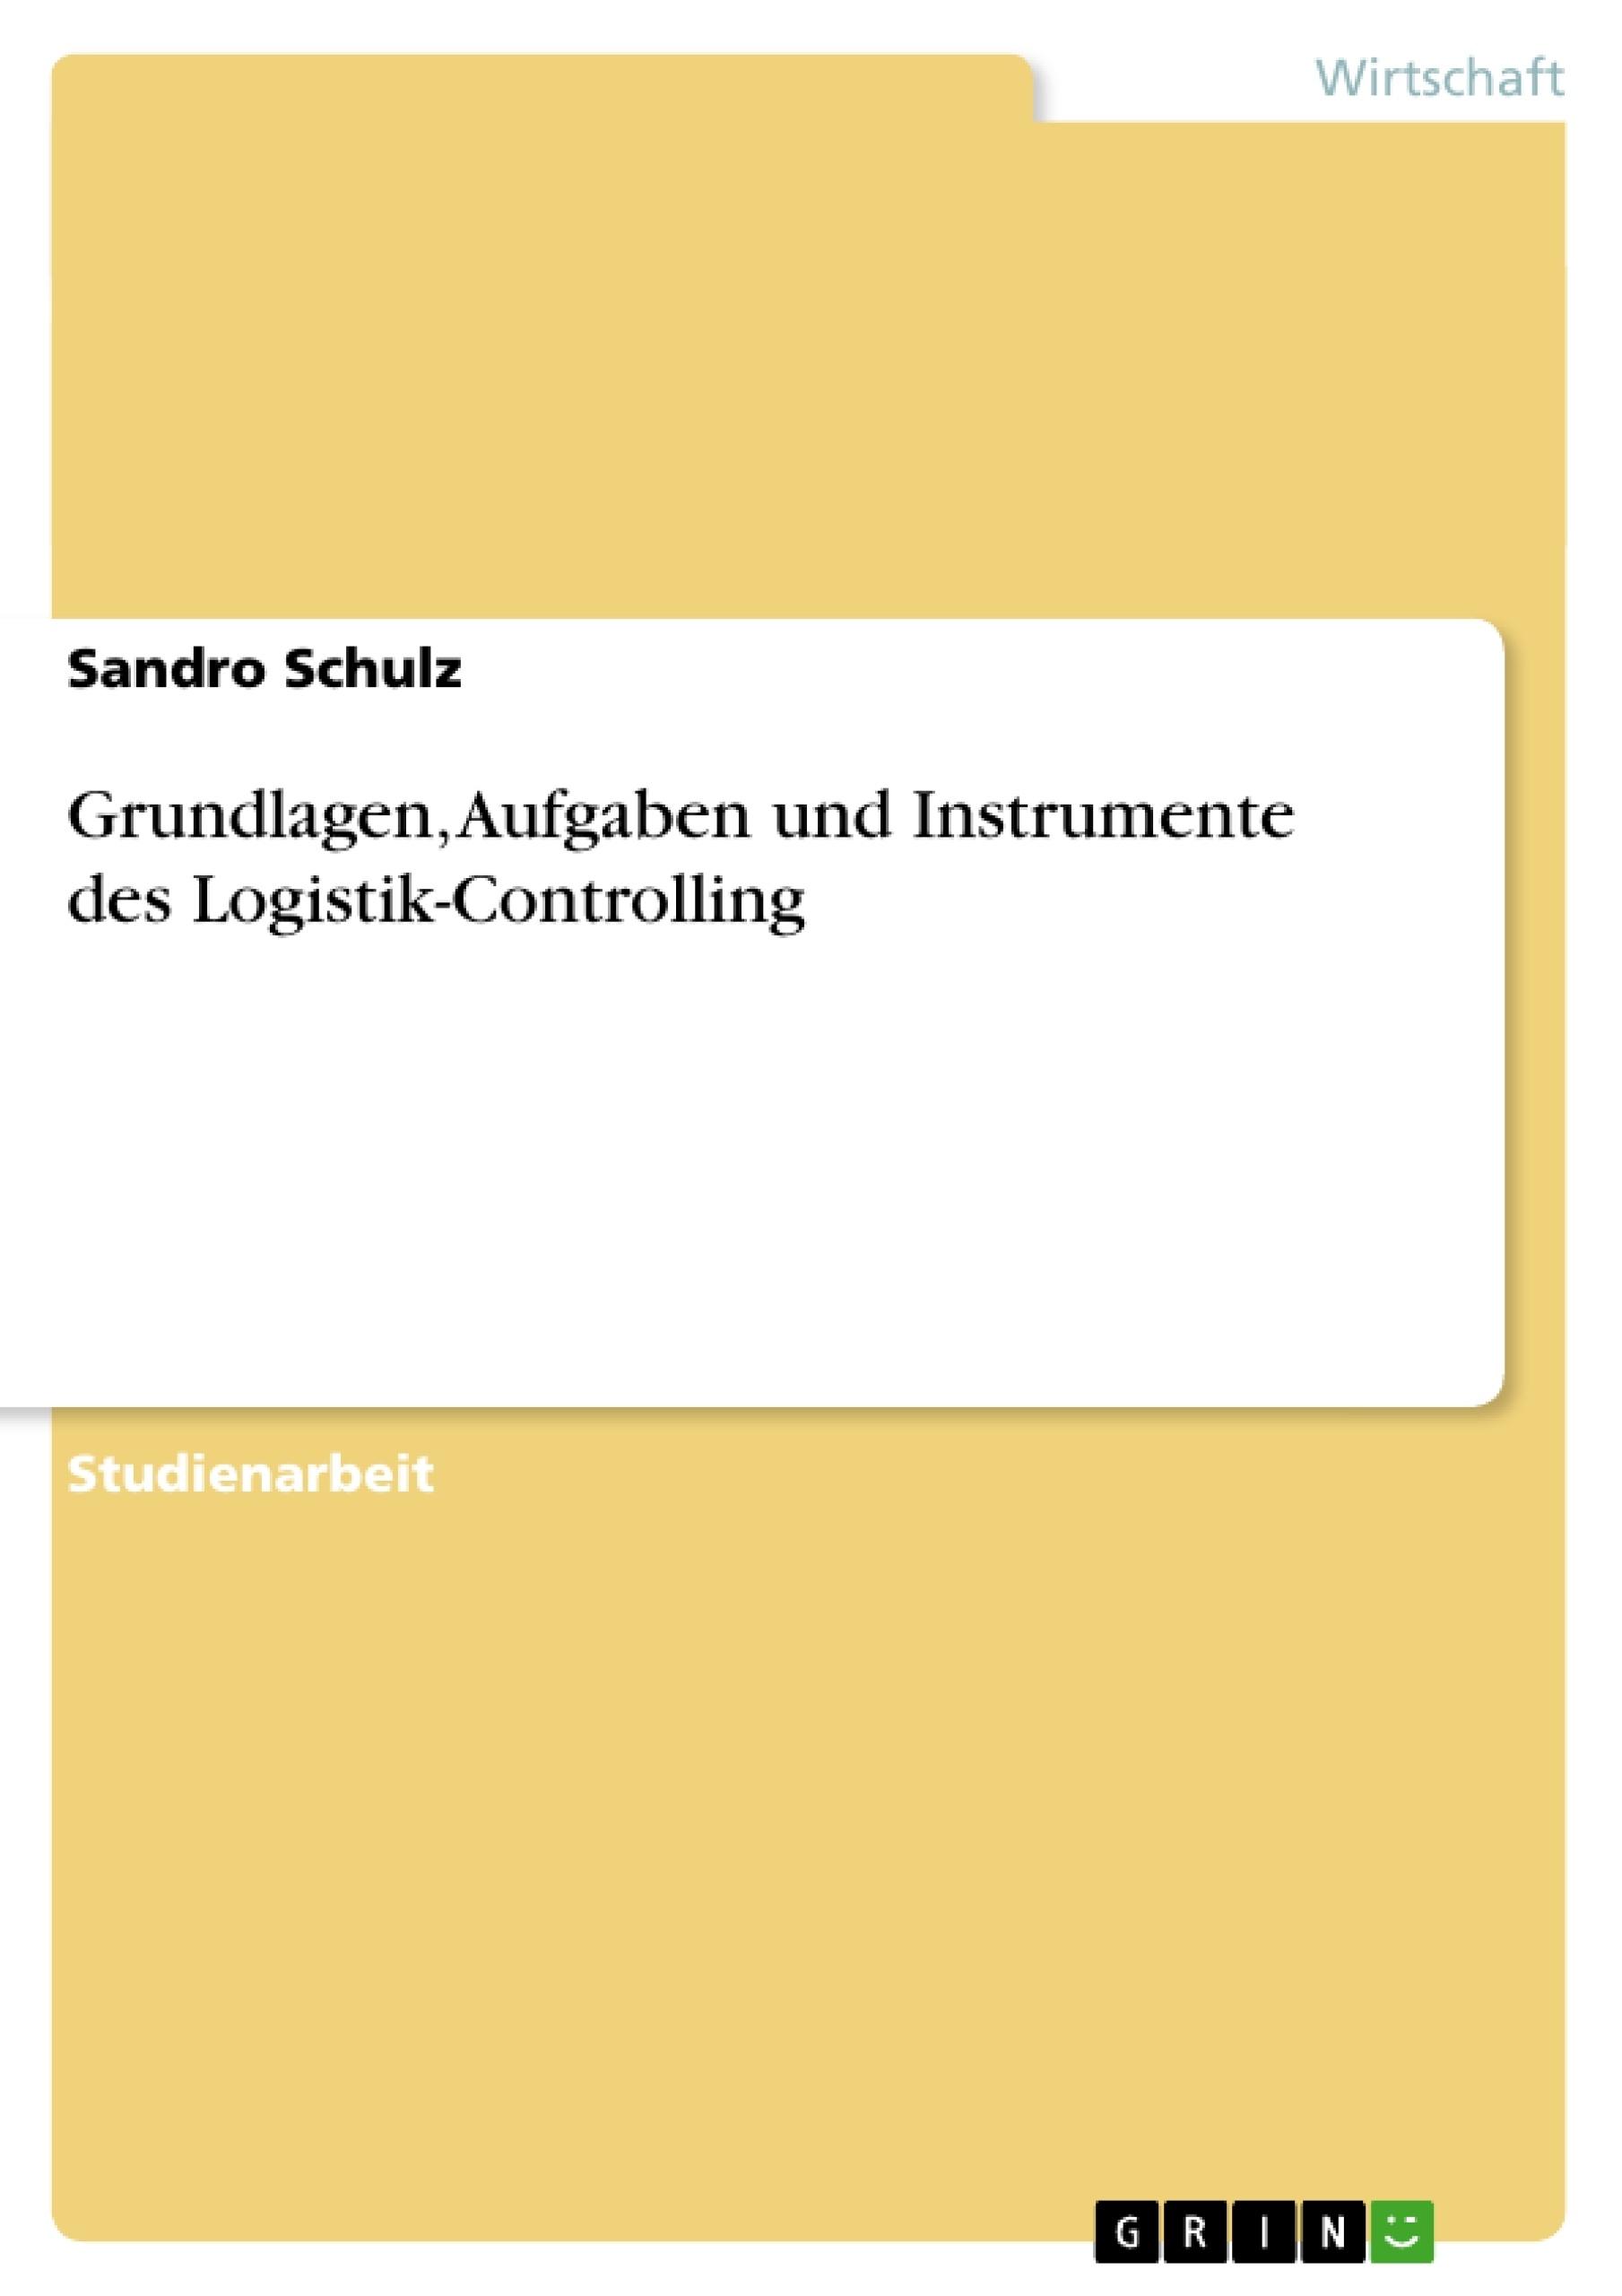 Titel: Grundlagen, Aufgaben und Instrumente des Logistik-Controlling